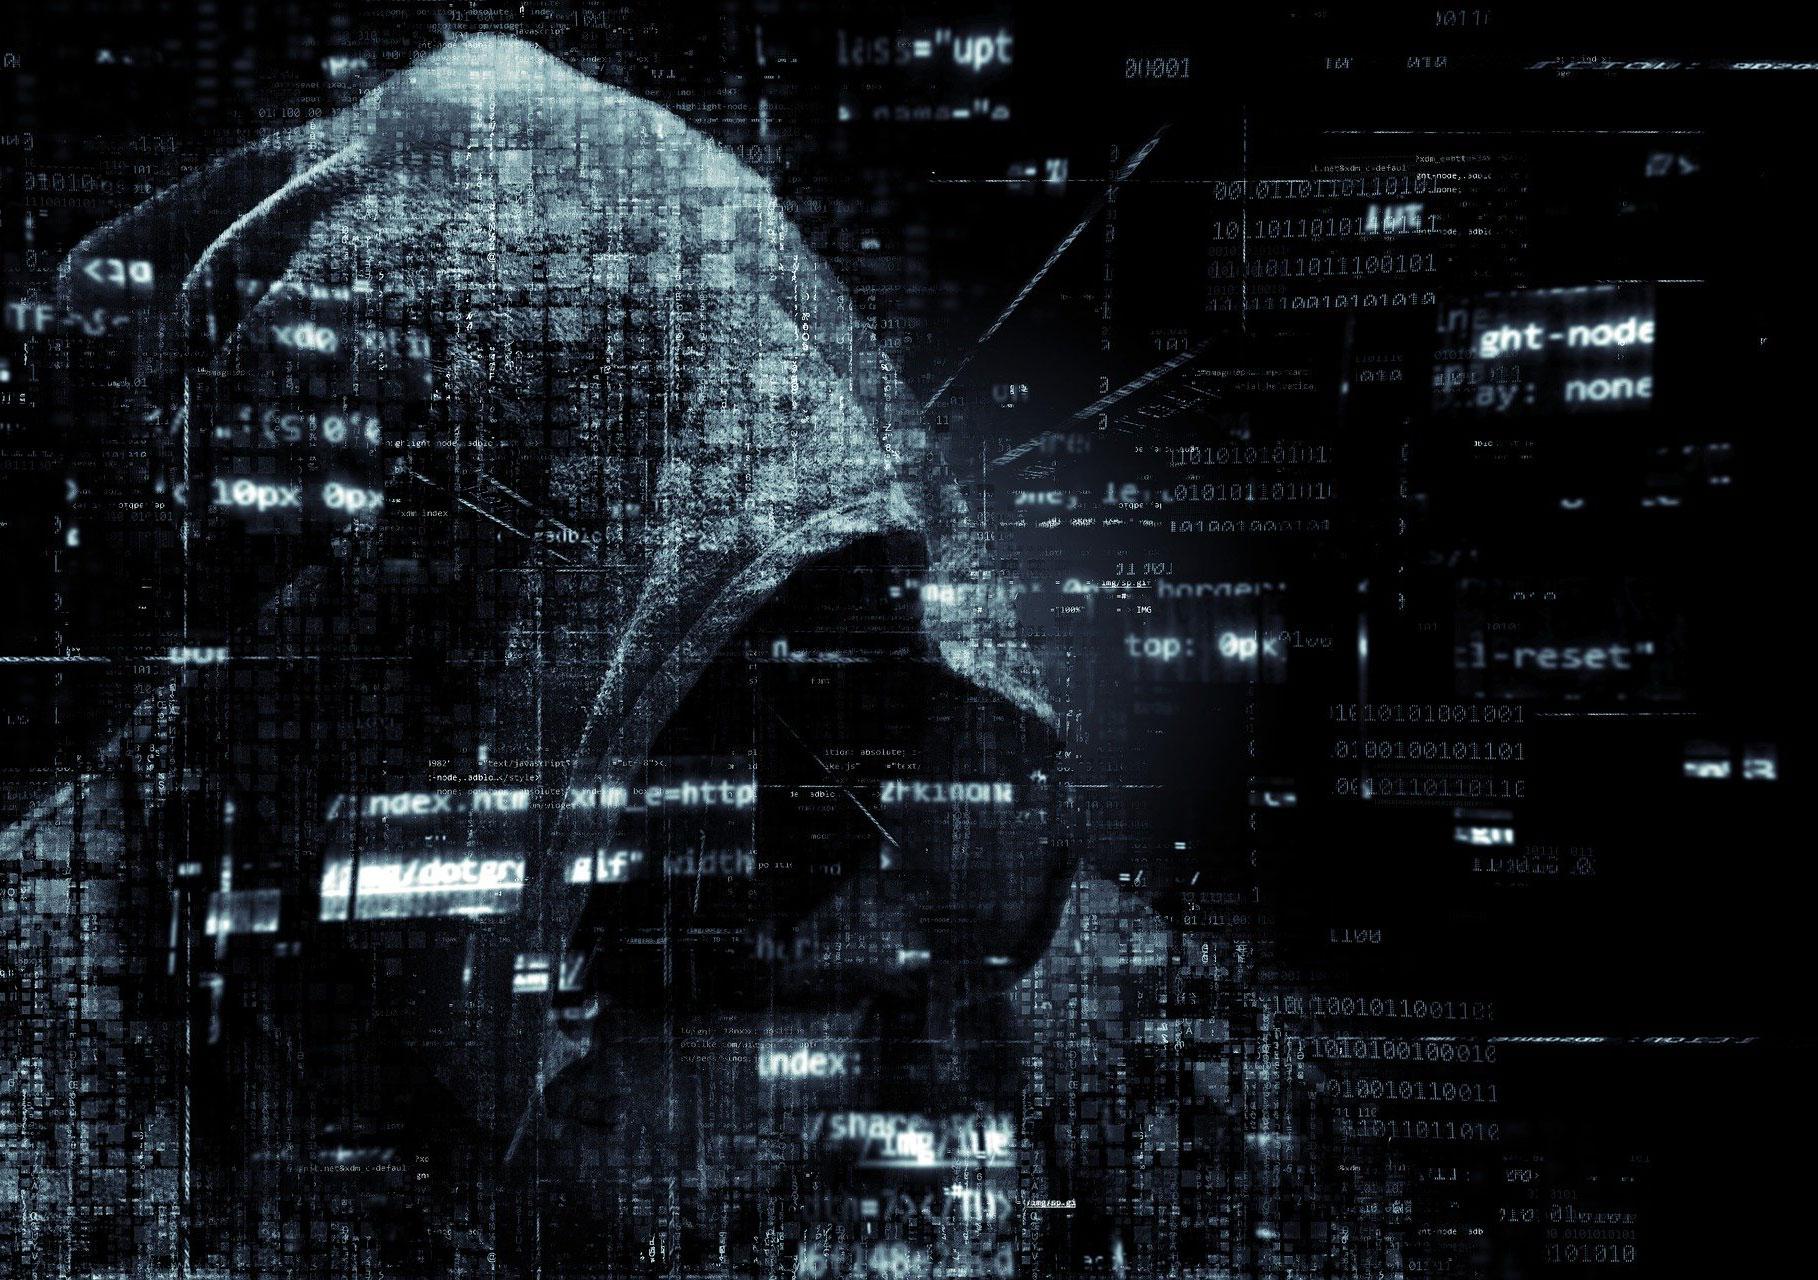 Mindre företag är hackarnas nya måltavla